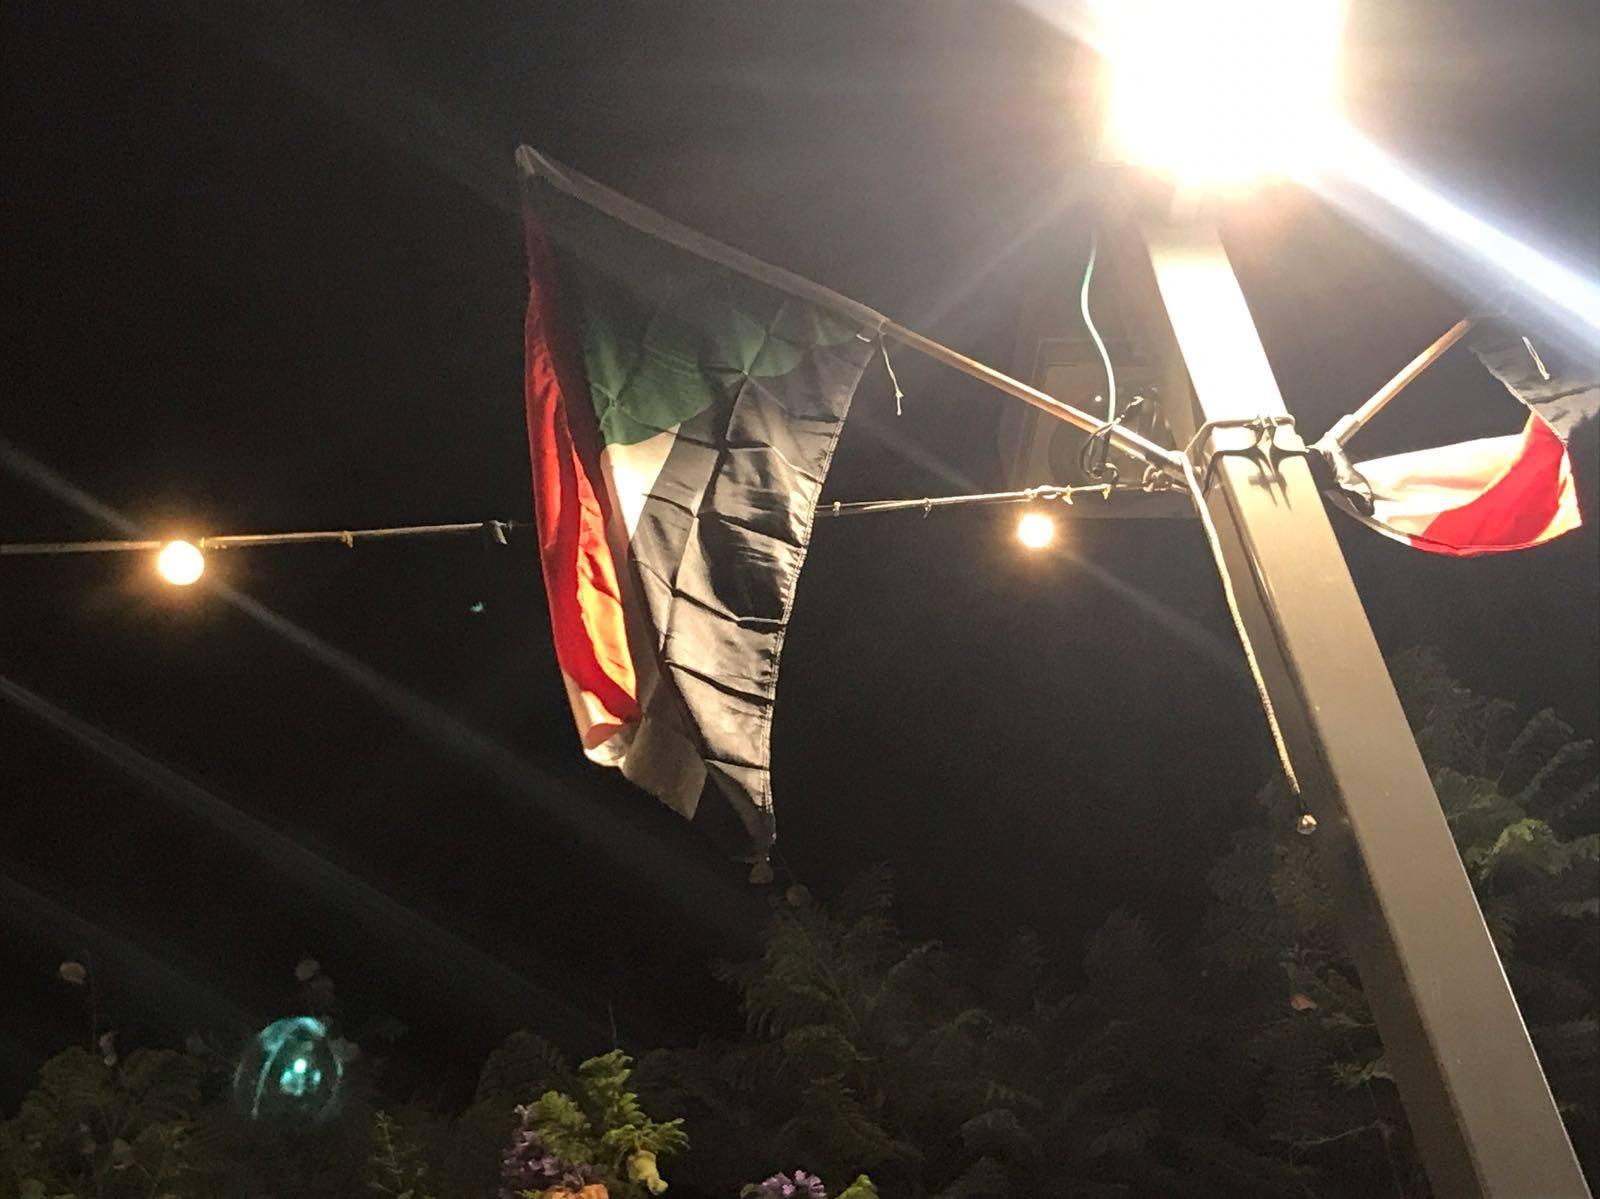 תל אביב: בירת סודן במזרח התיכון